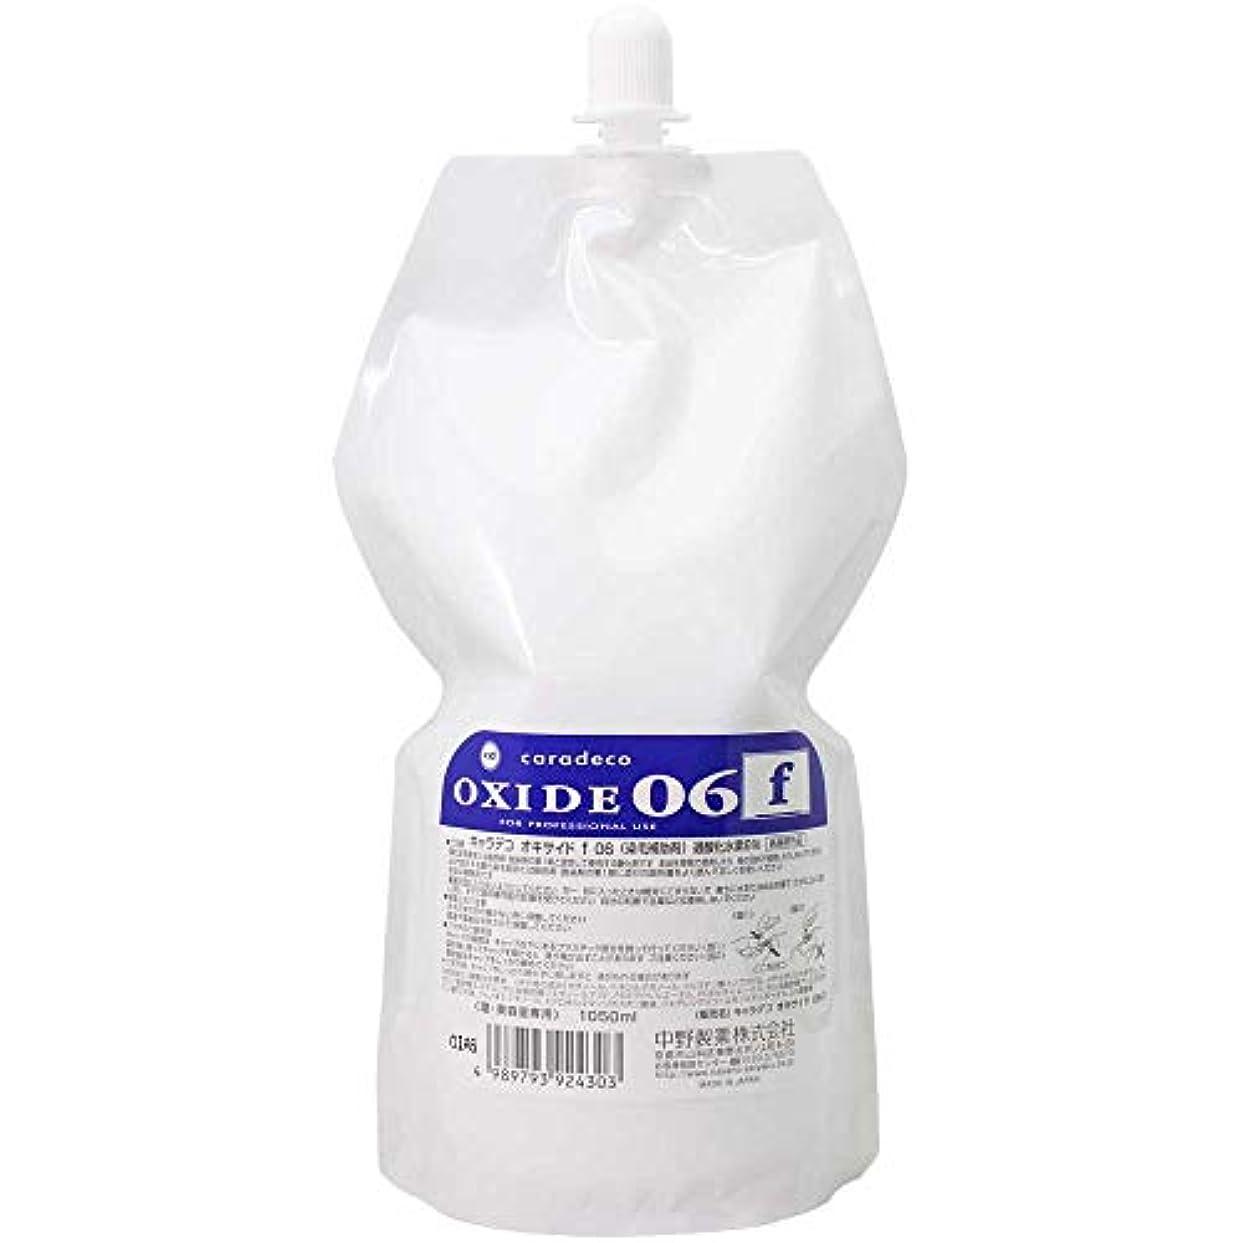 増強平凡約【ナカノ】キャラデコ オキサイドf 06 第2剤 (過酸化水素6%) 1050ml